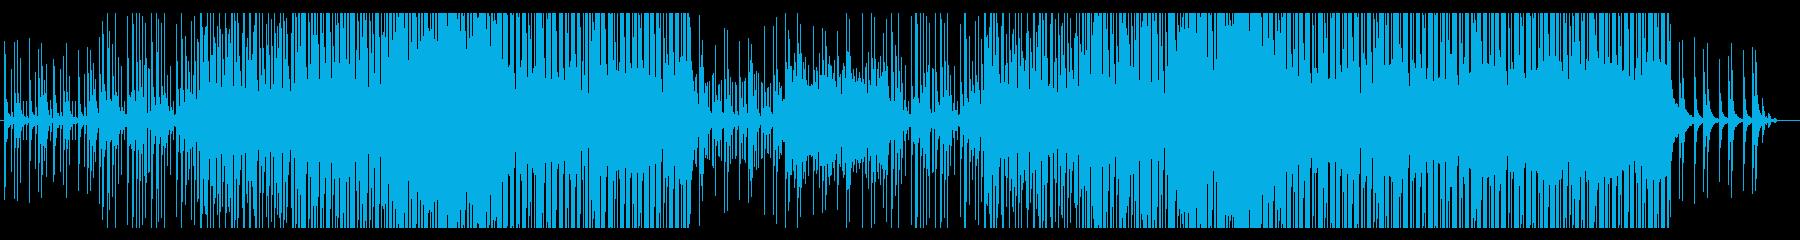 ちょっぴり切なくも温かいトロピカル楽曲の再生済みの波形